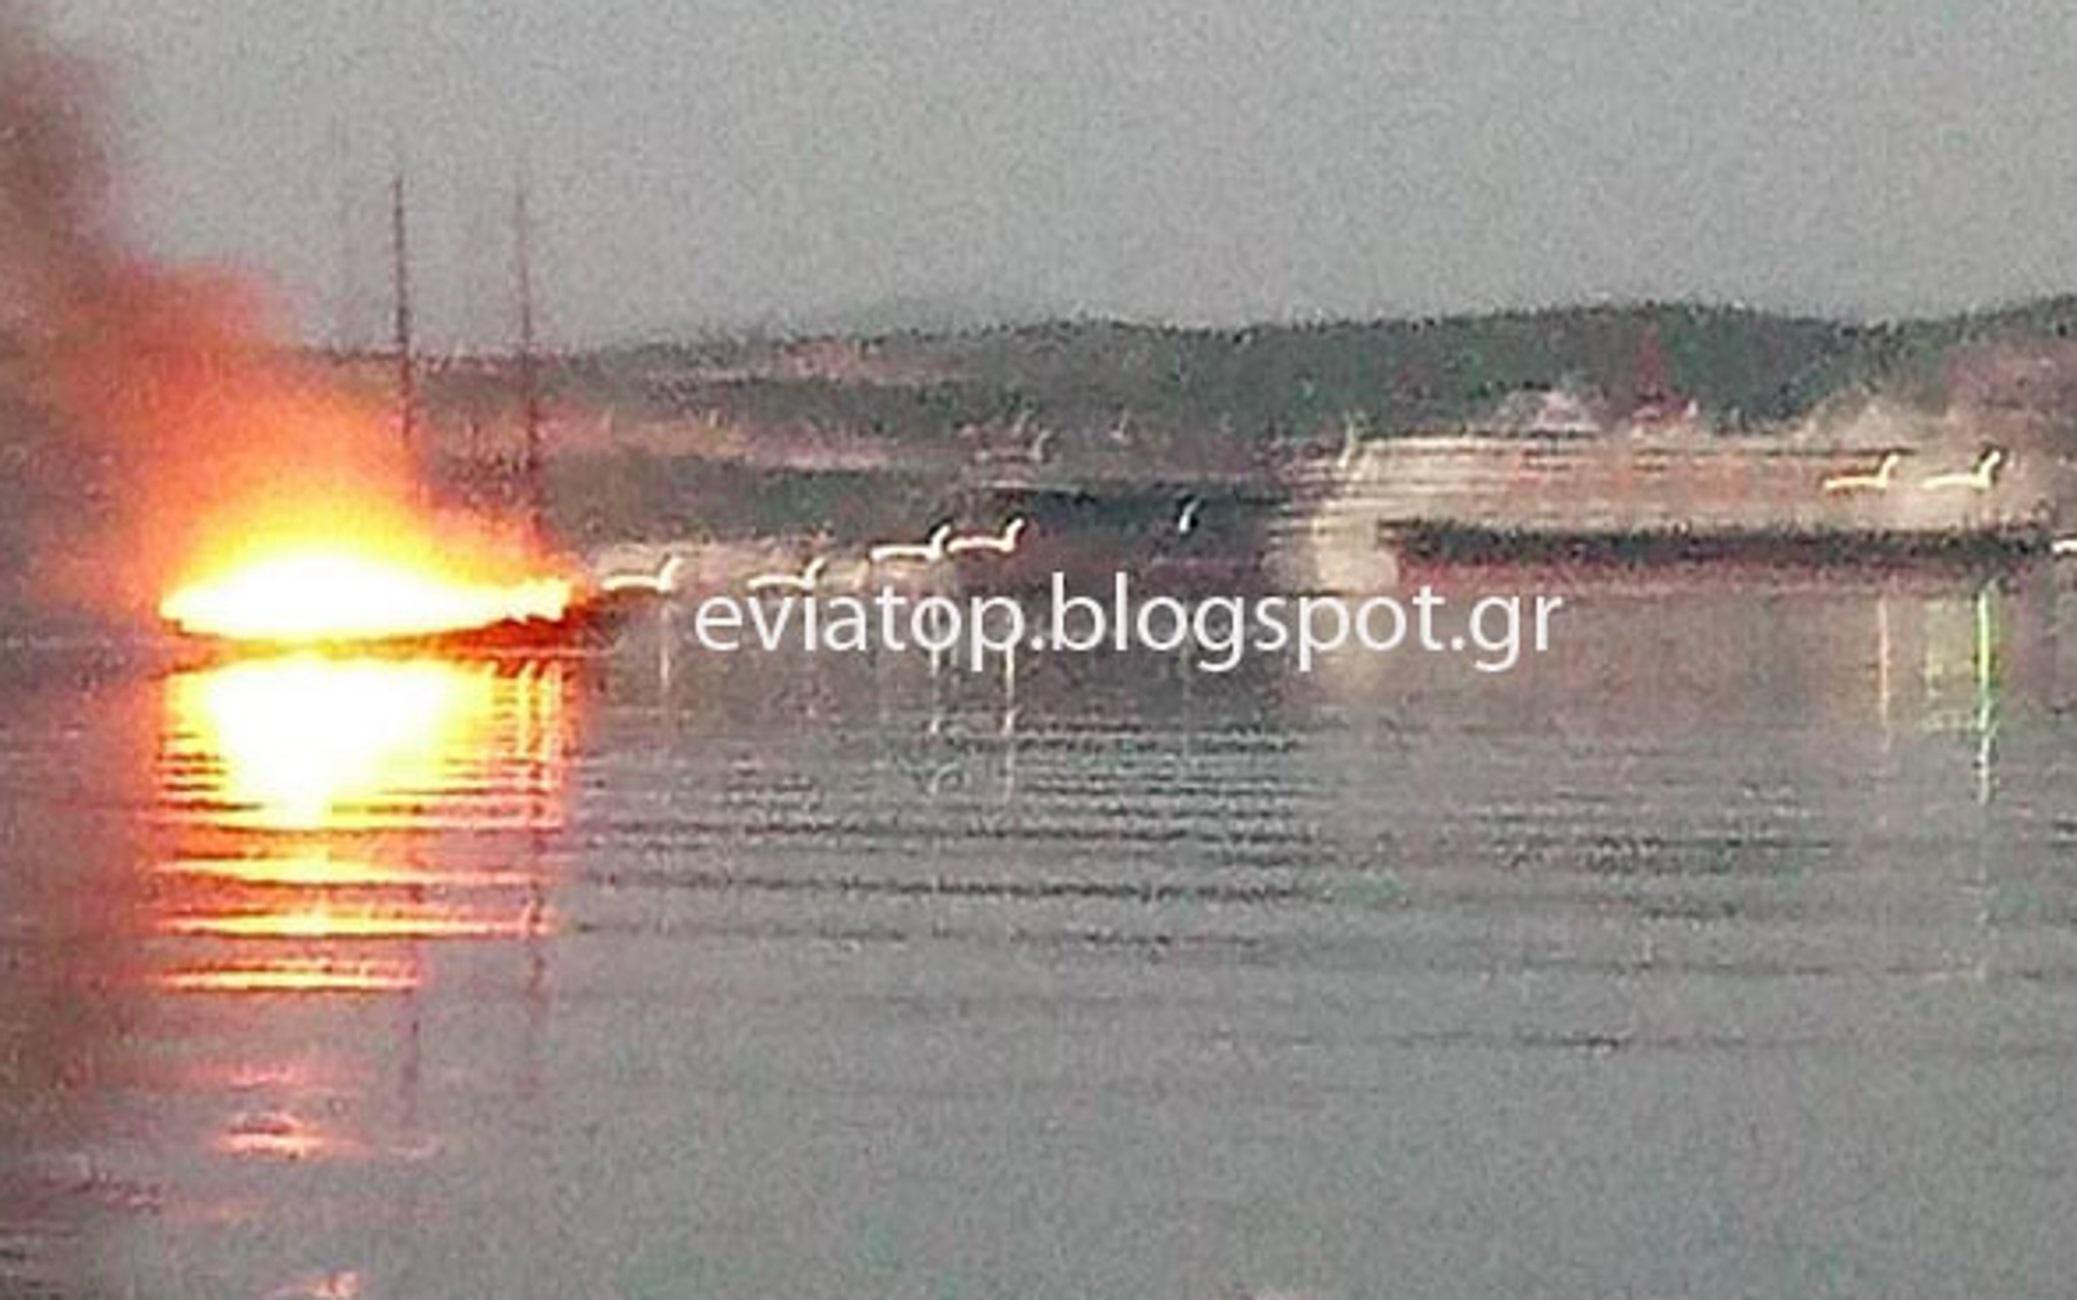 Εύβοια: Ιστιοφόρο έπιασε φωτιά στο παρθενικό του ταξίδι! Εφιαλτικές στιγμές για 4 άτομα (Φωτό)